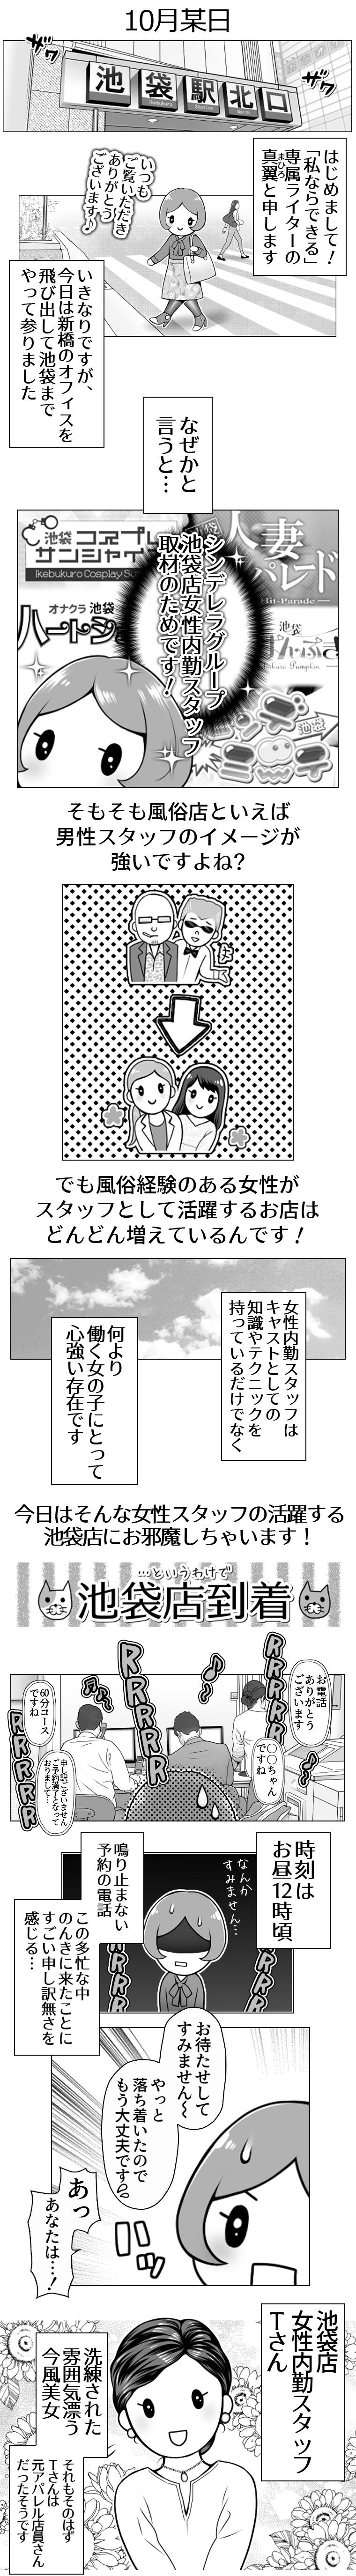 シンデレラグループ女性内勤スタッフ漫画1